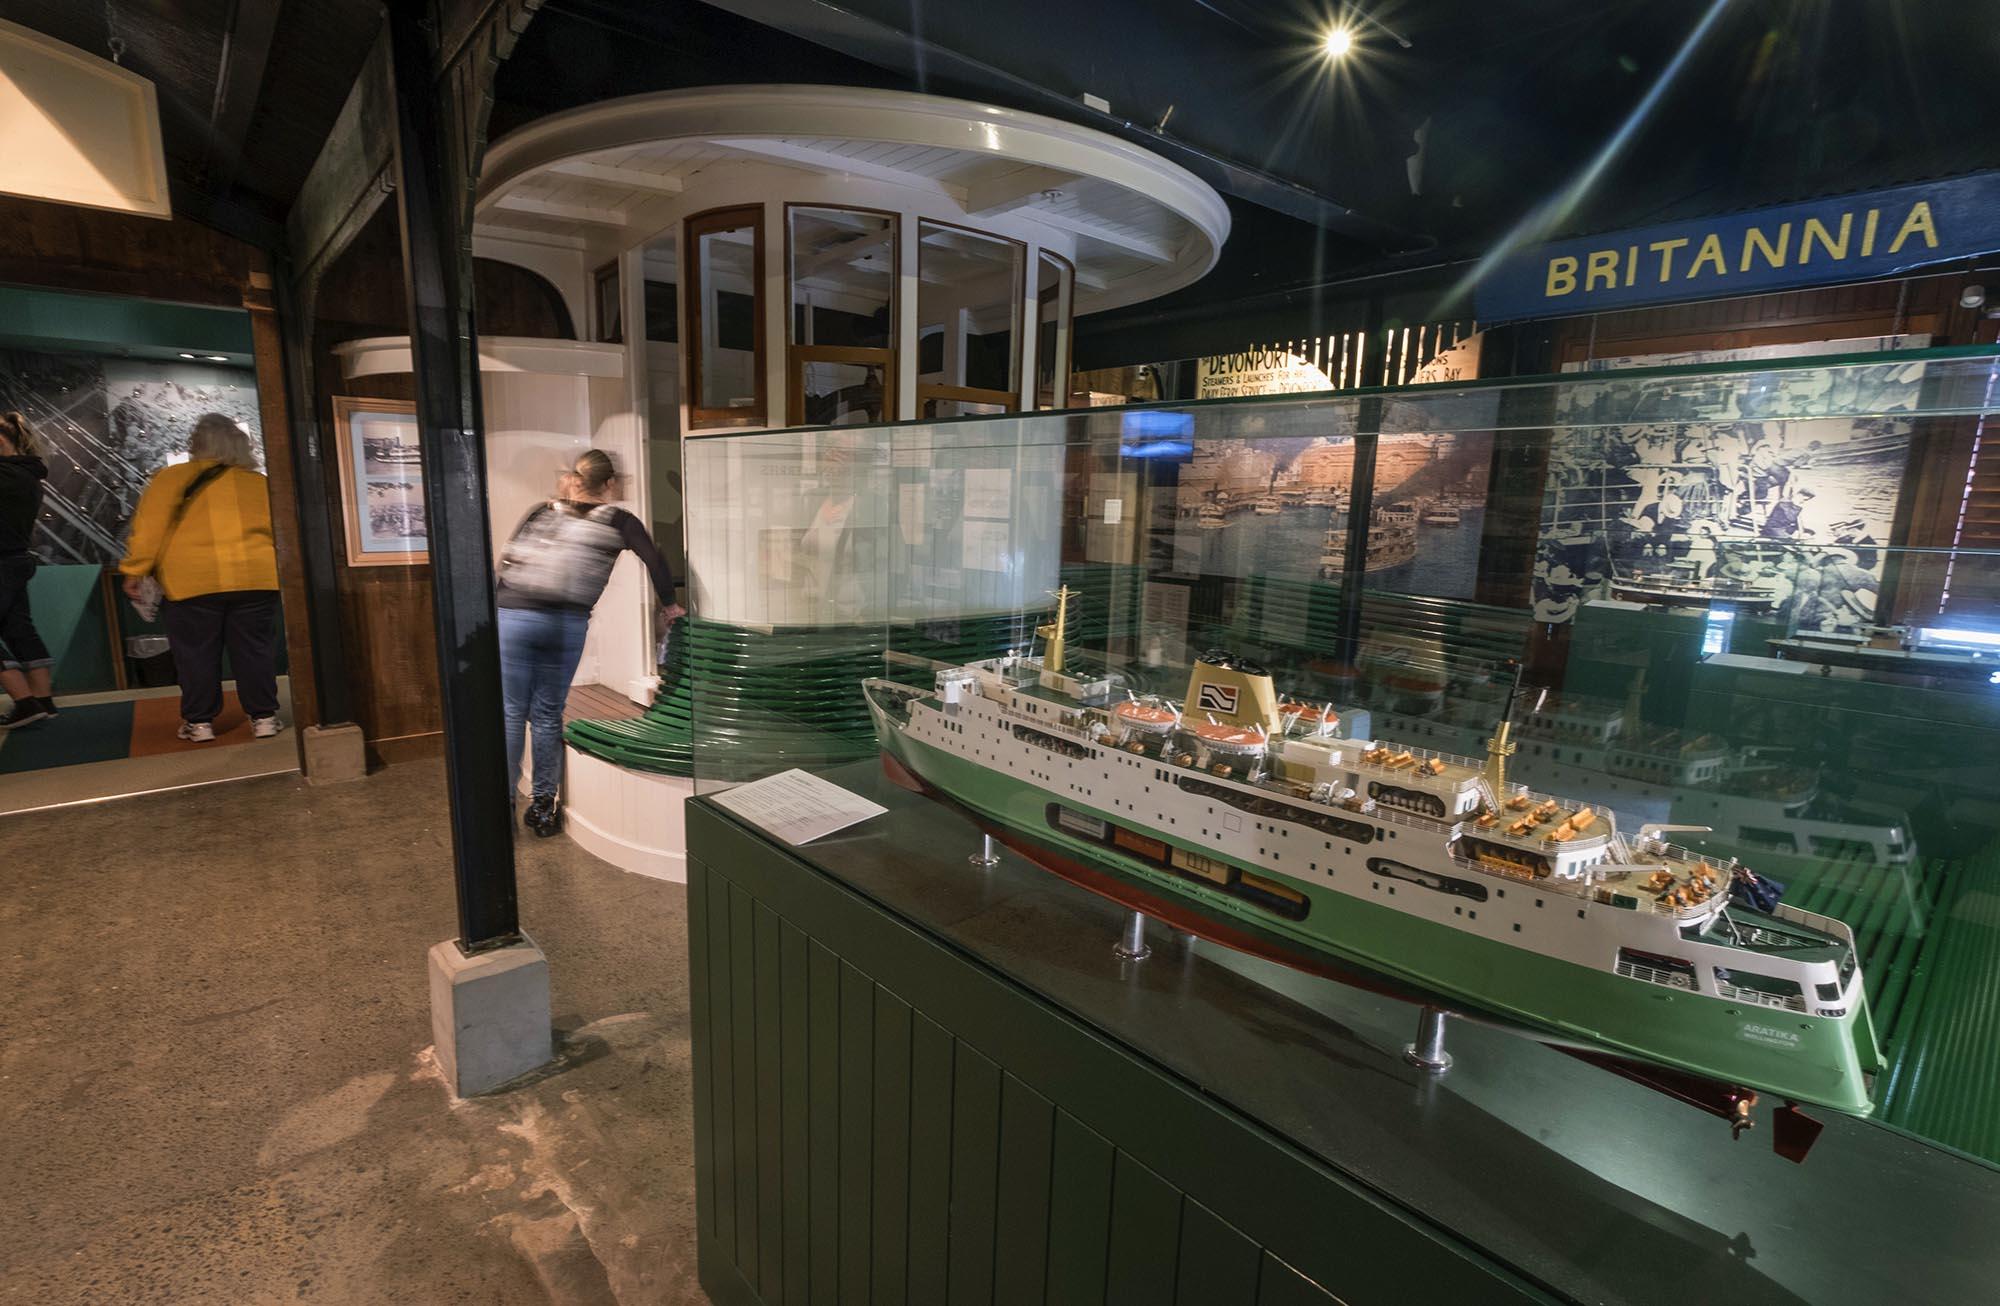 https://rfacdn.nz/maritime/assets/media/ferries-carousel.jpg